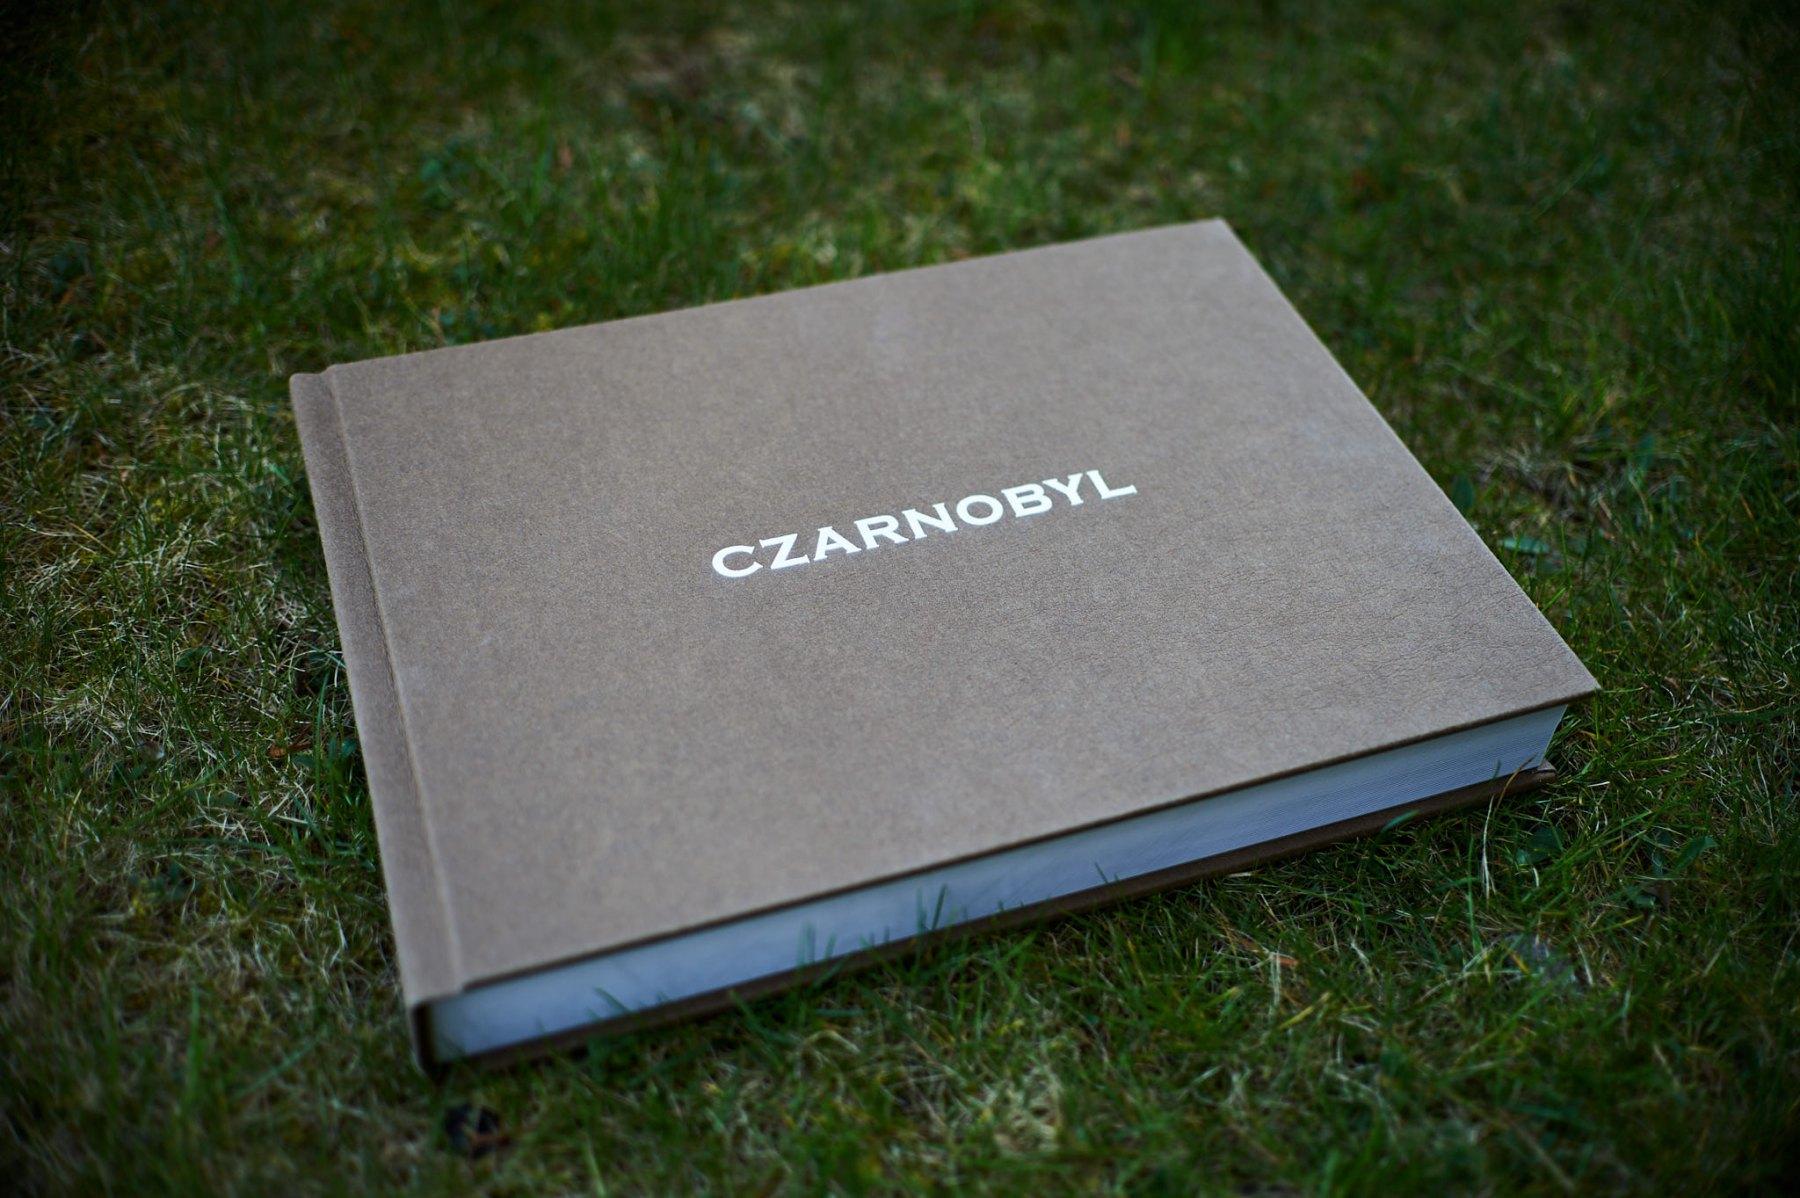 Czarnobylski_001